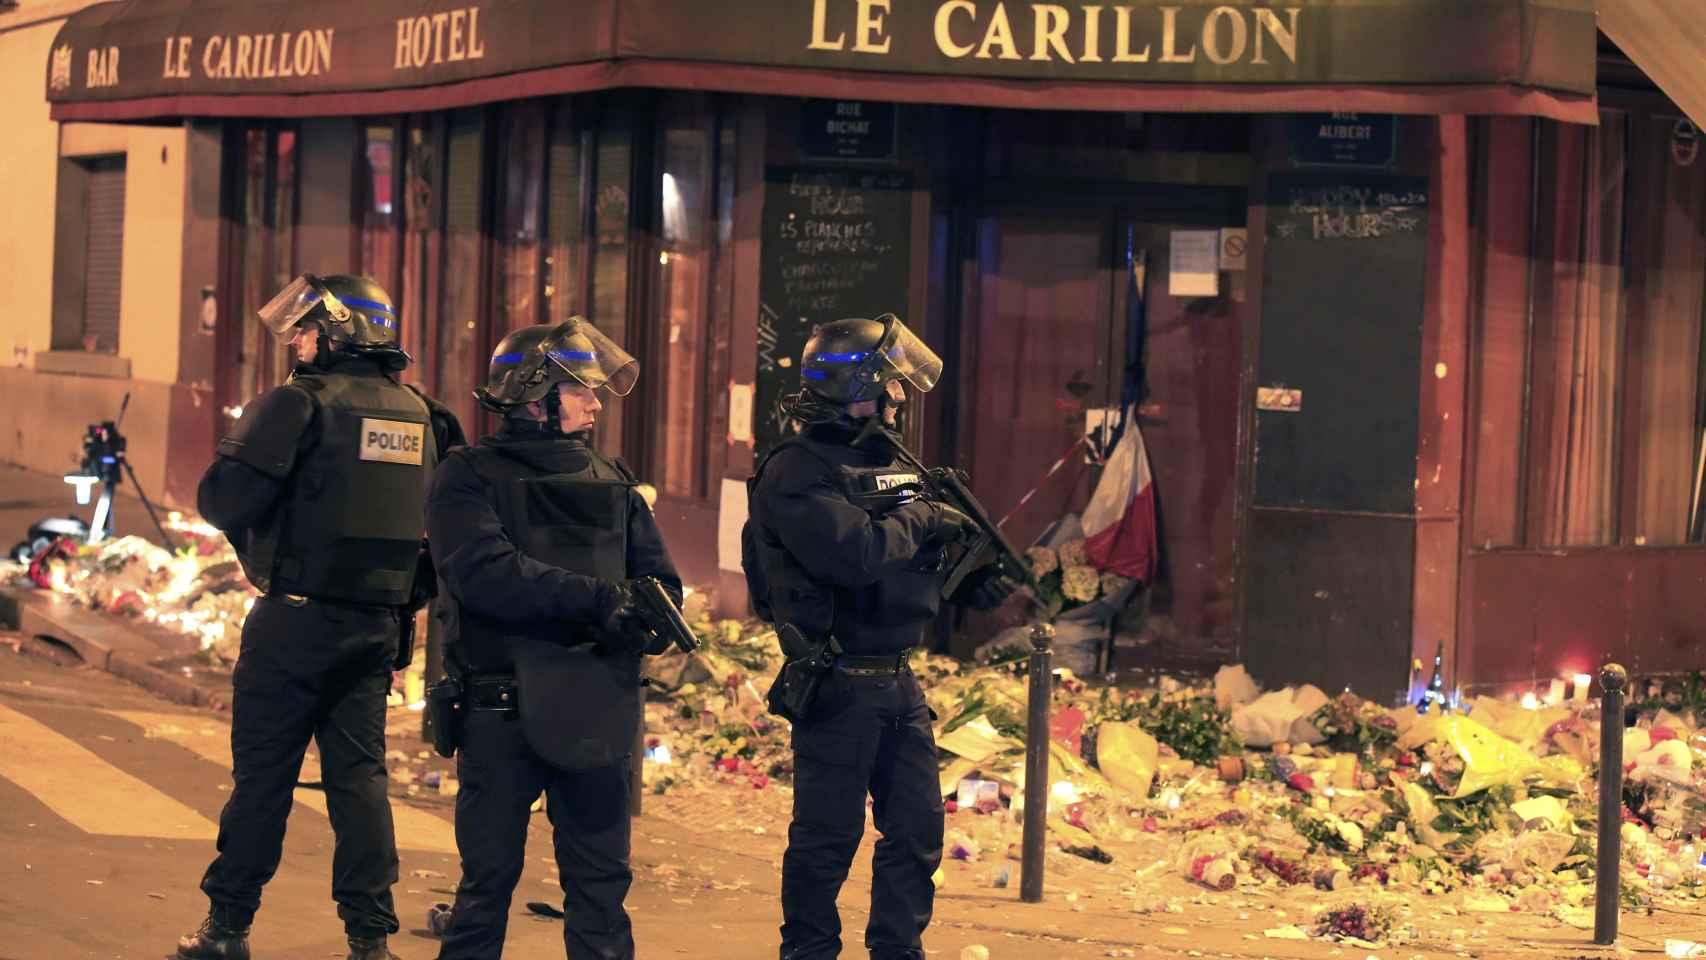 Agentes de Policía en el restaurante Le Carillon, uno de los escenarios de la matanza